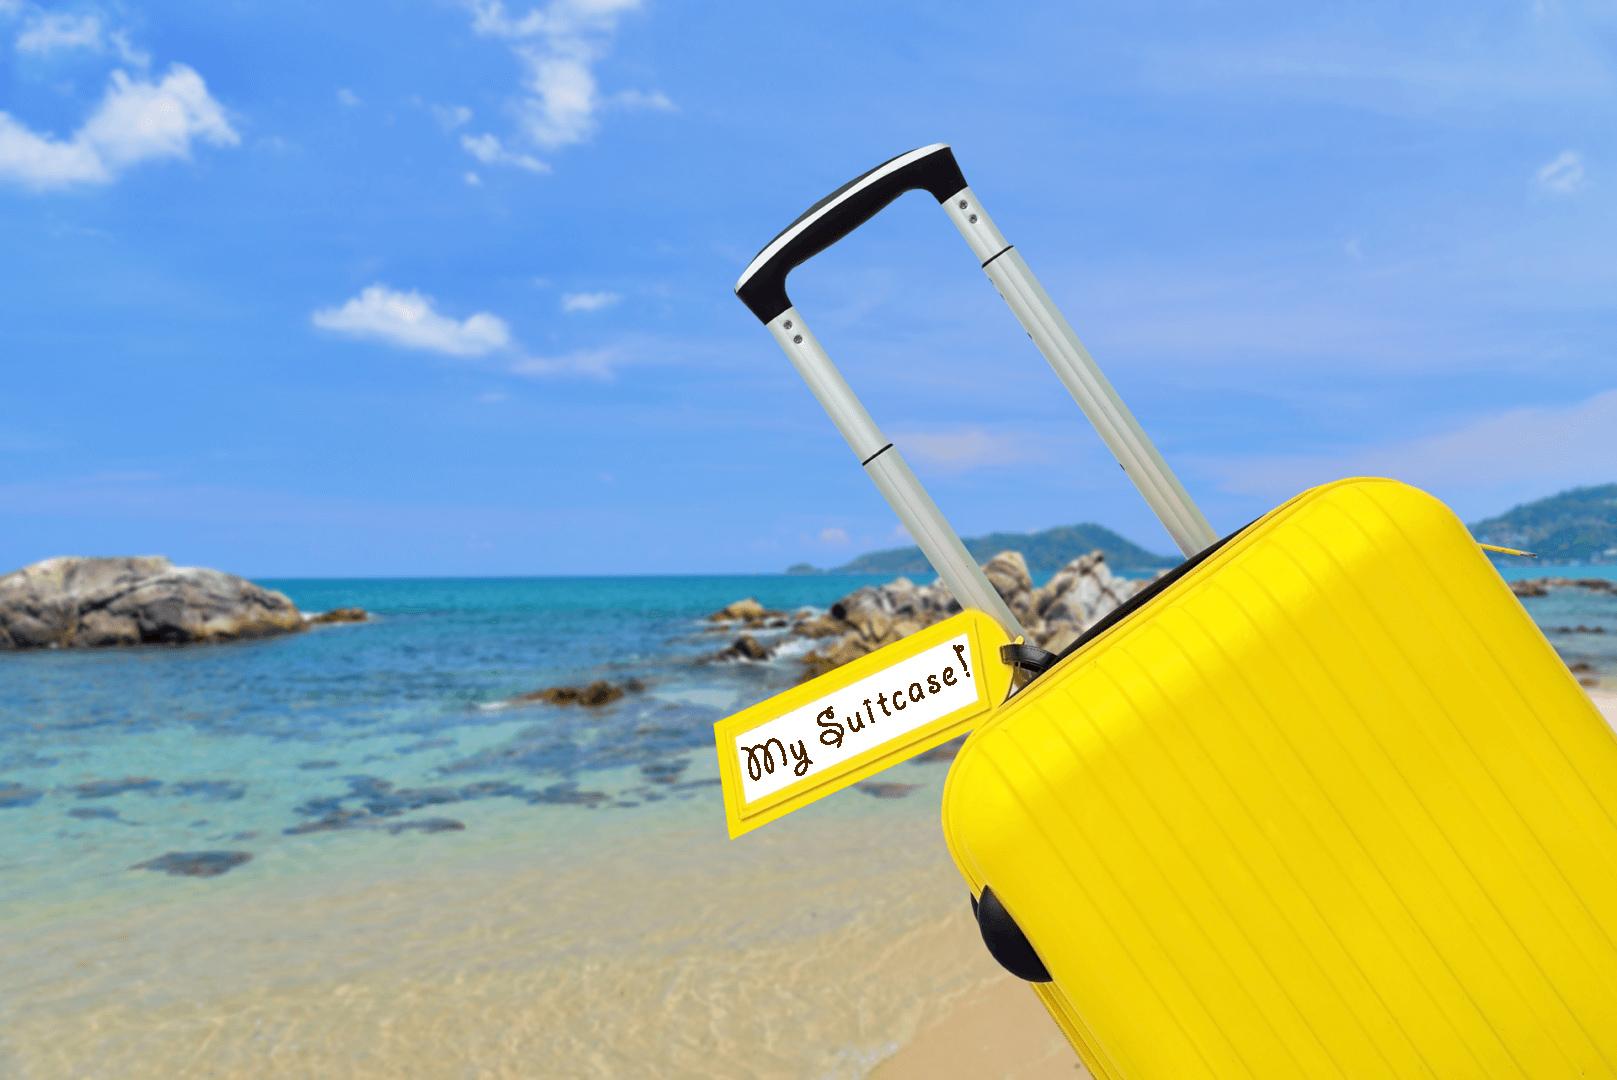 """Thẻ nhựa du lịch – """"nhỏ mà có võ"""" cho những chuyến đi thêm trọn vẹn"""